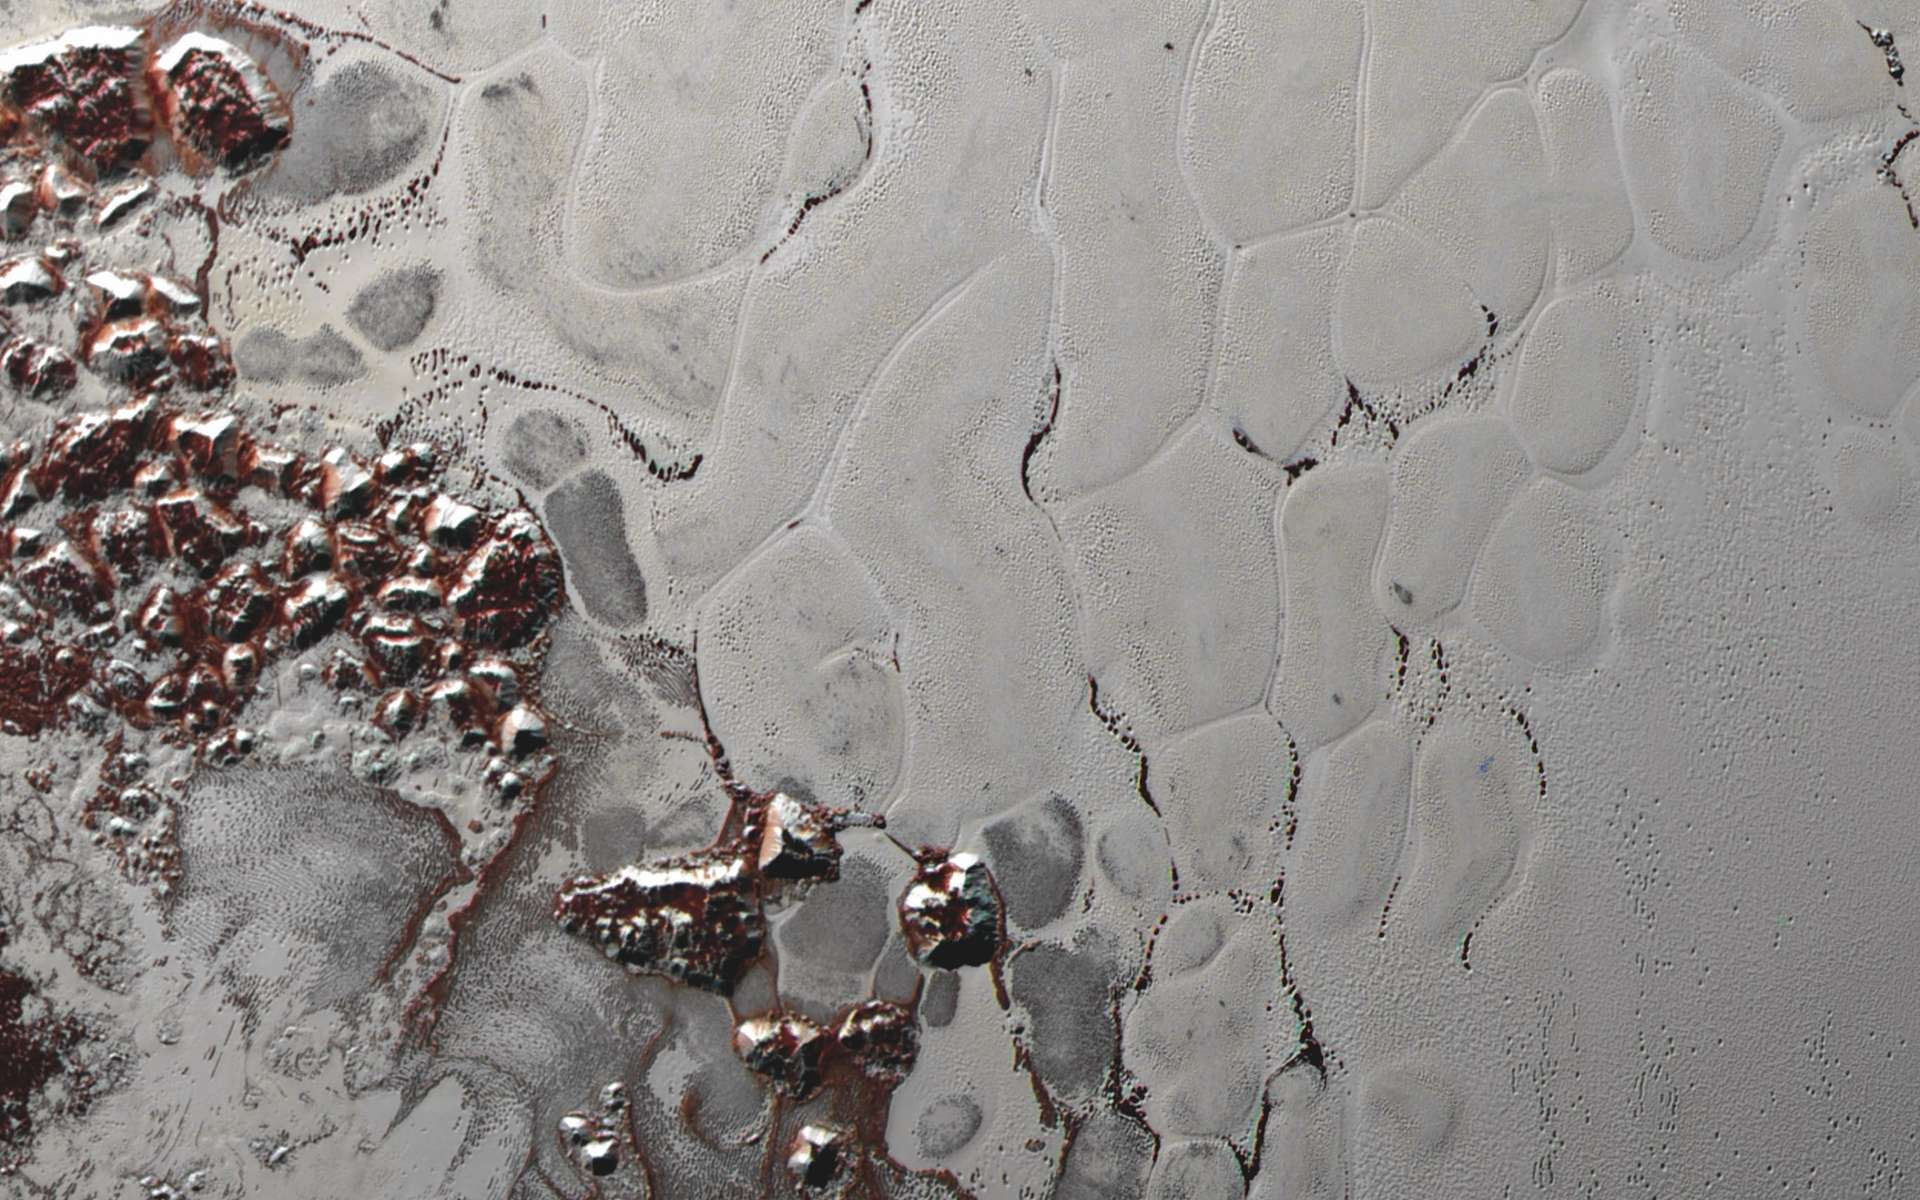 Une portion large de 400 km de la plaine Spoutnik imagée avec Ralph/MVIC (Multispectral Visible Imaging Camera), le 14 juillet 2015. À gauche, les montagnes de glace d'eau bordant la vaste étendue nappée de glace d'azote. On y distingue la forme bombée des cellules de convection. © Nasa, JHUAPL, SwRI